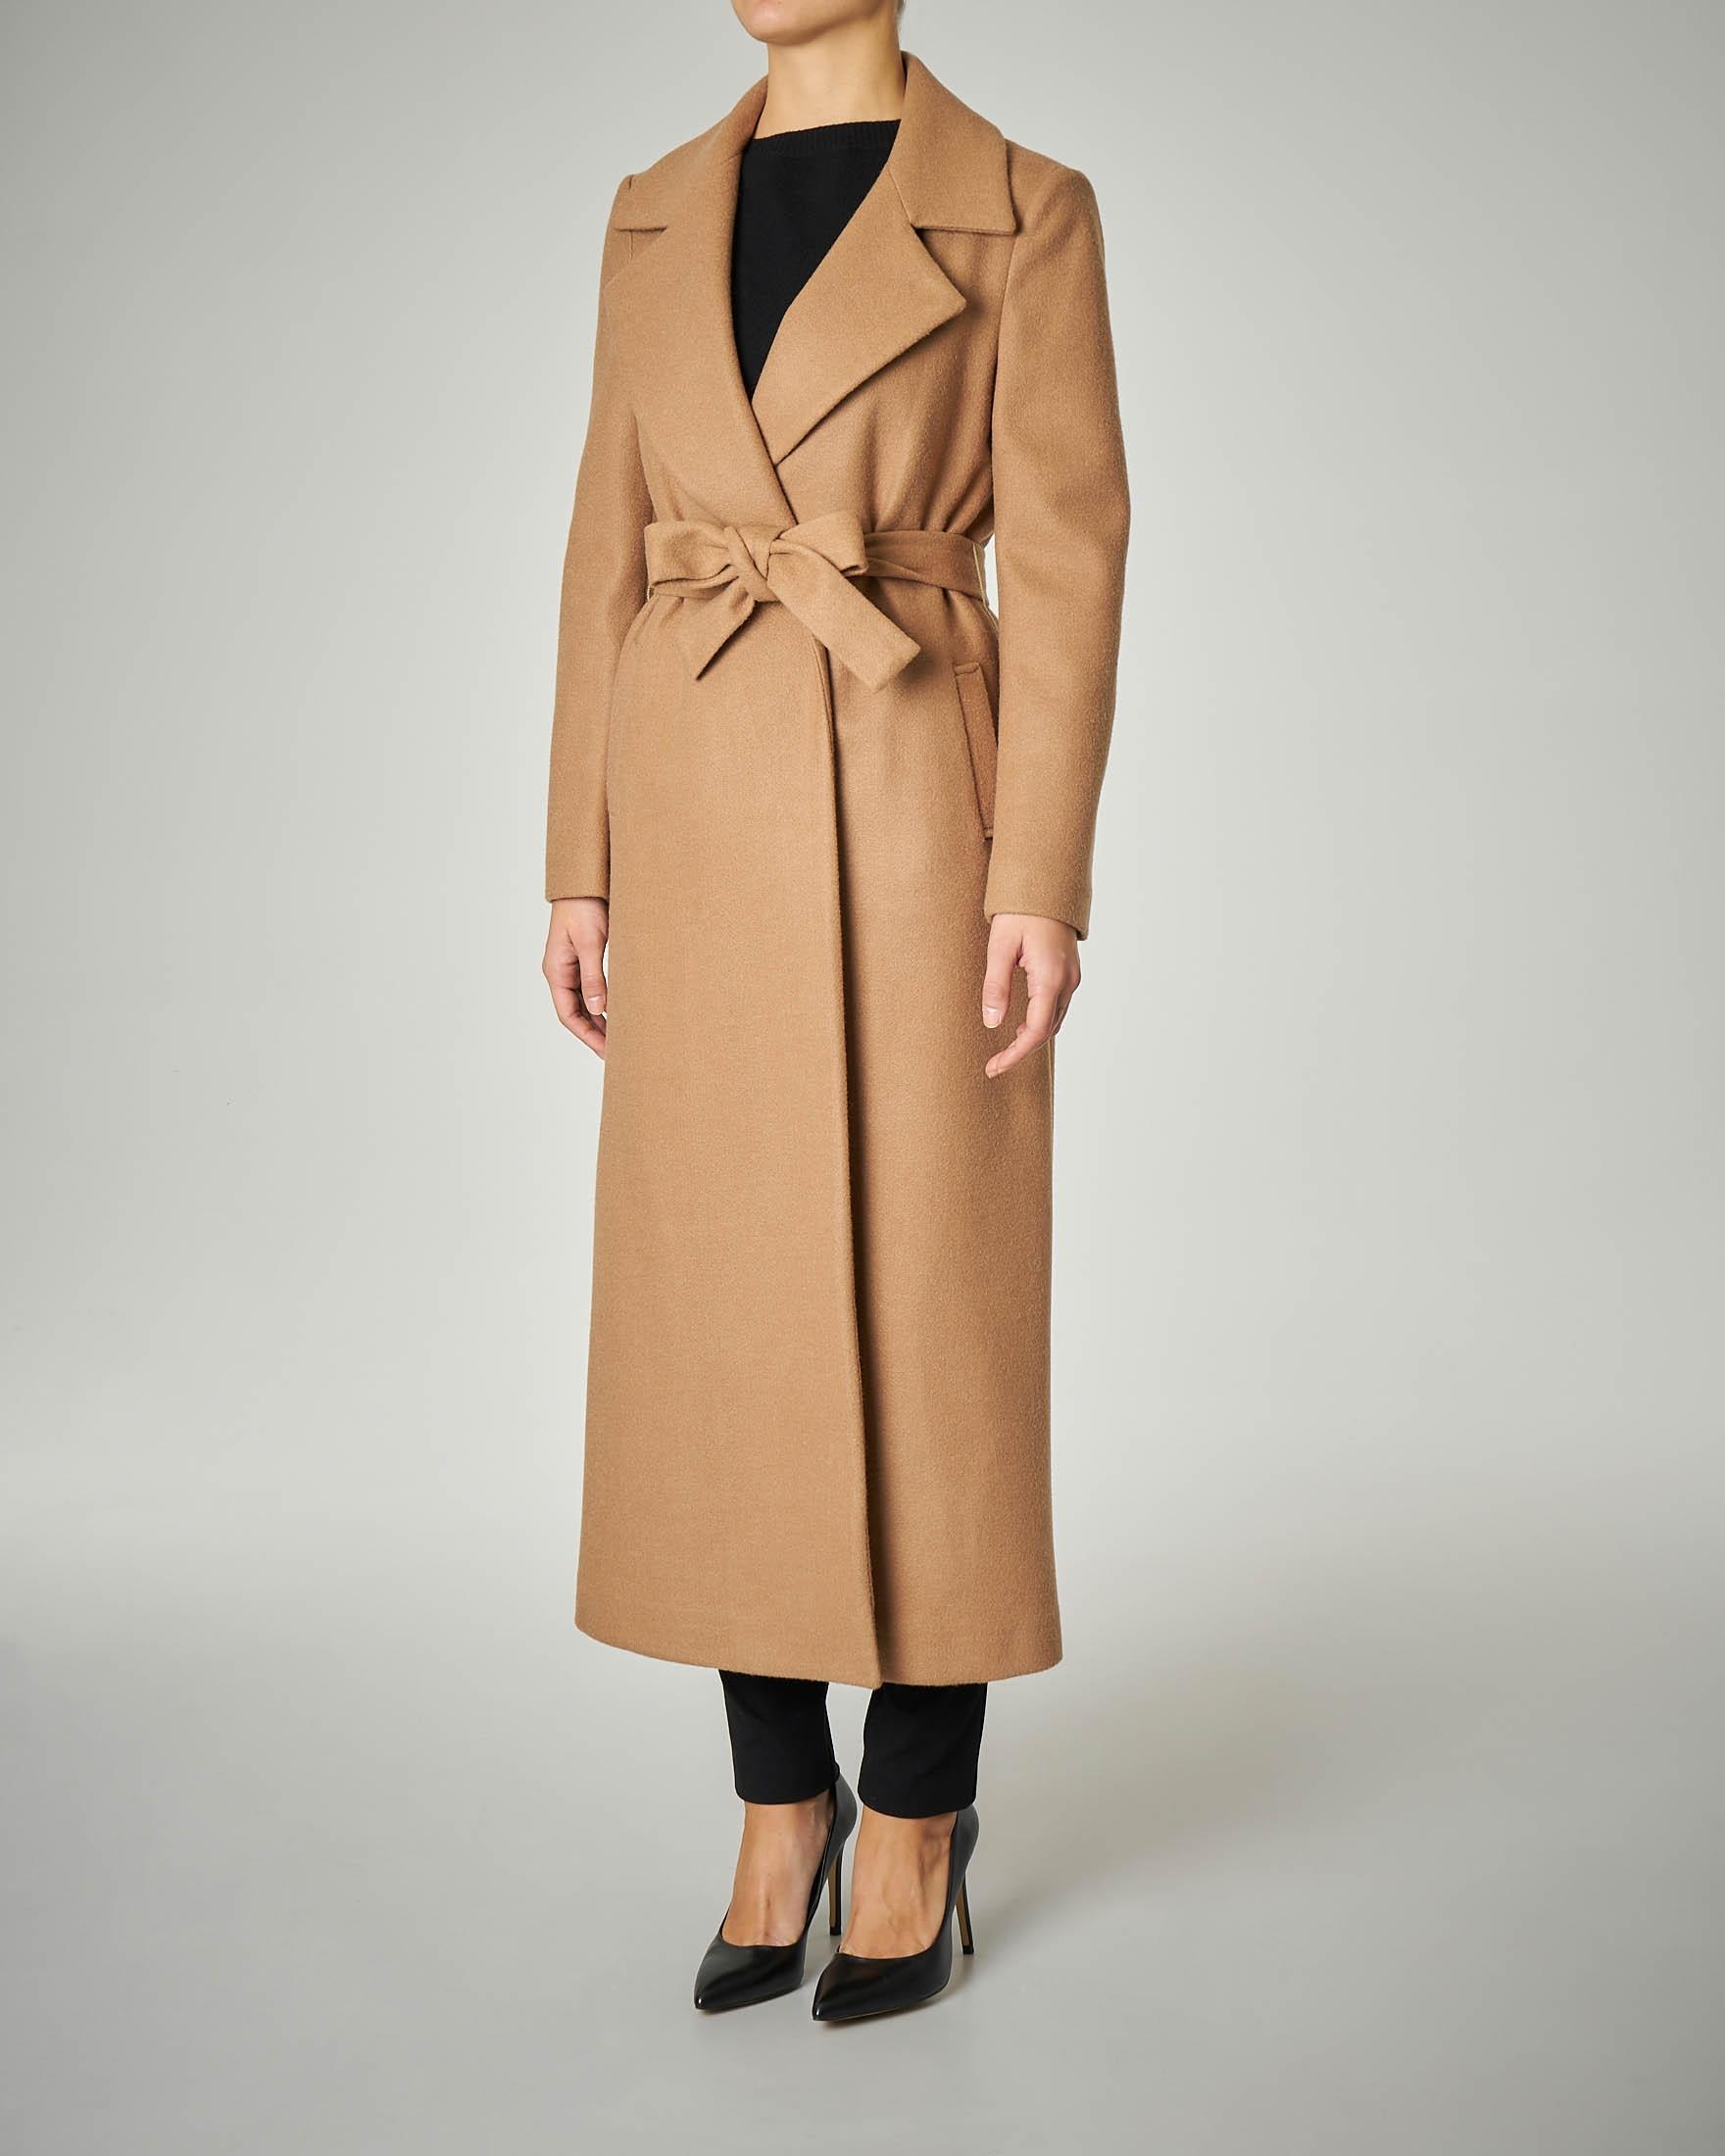 Cappotto lungo cammello modello a vestaglia